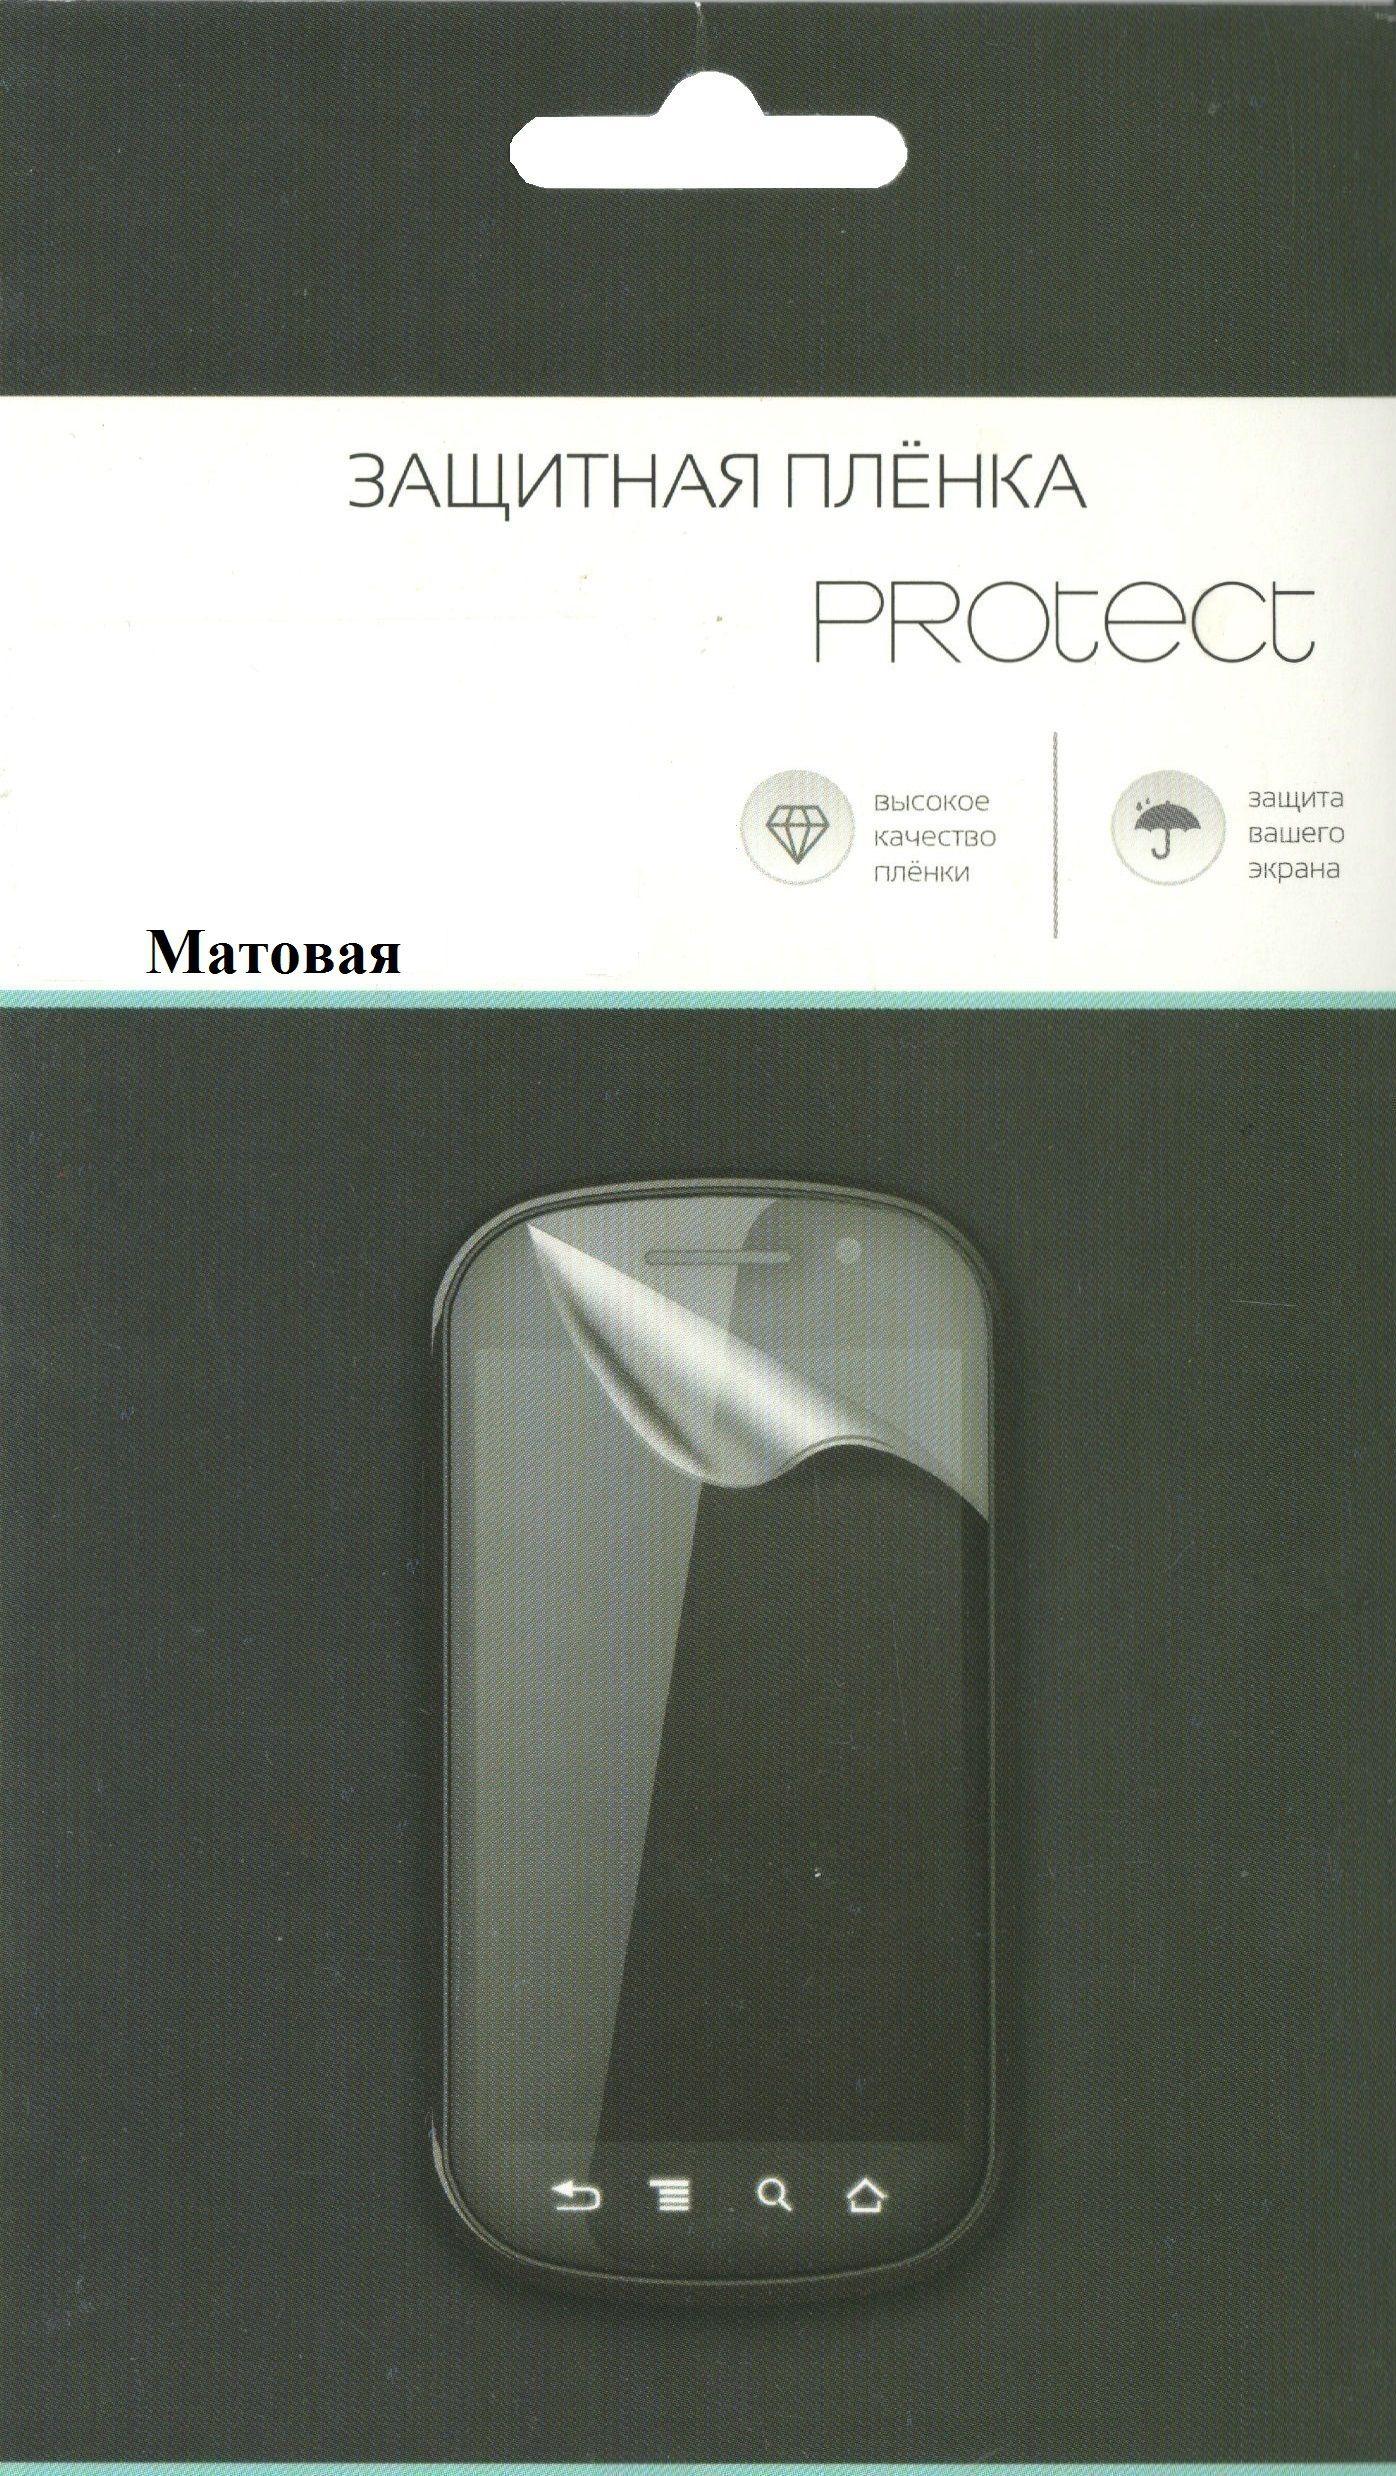 Купить Protect Защитная пленка для Samsung Galaxy A20s SM-A207FN (матовая) в интернет магазине. Цены, фото, описания, характеристики, отзывы, обзоры